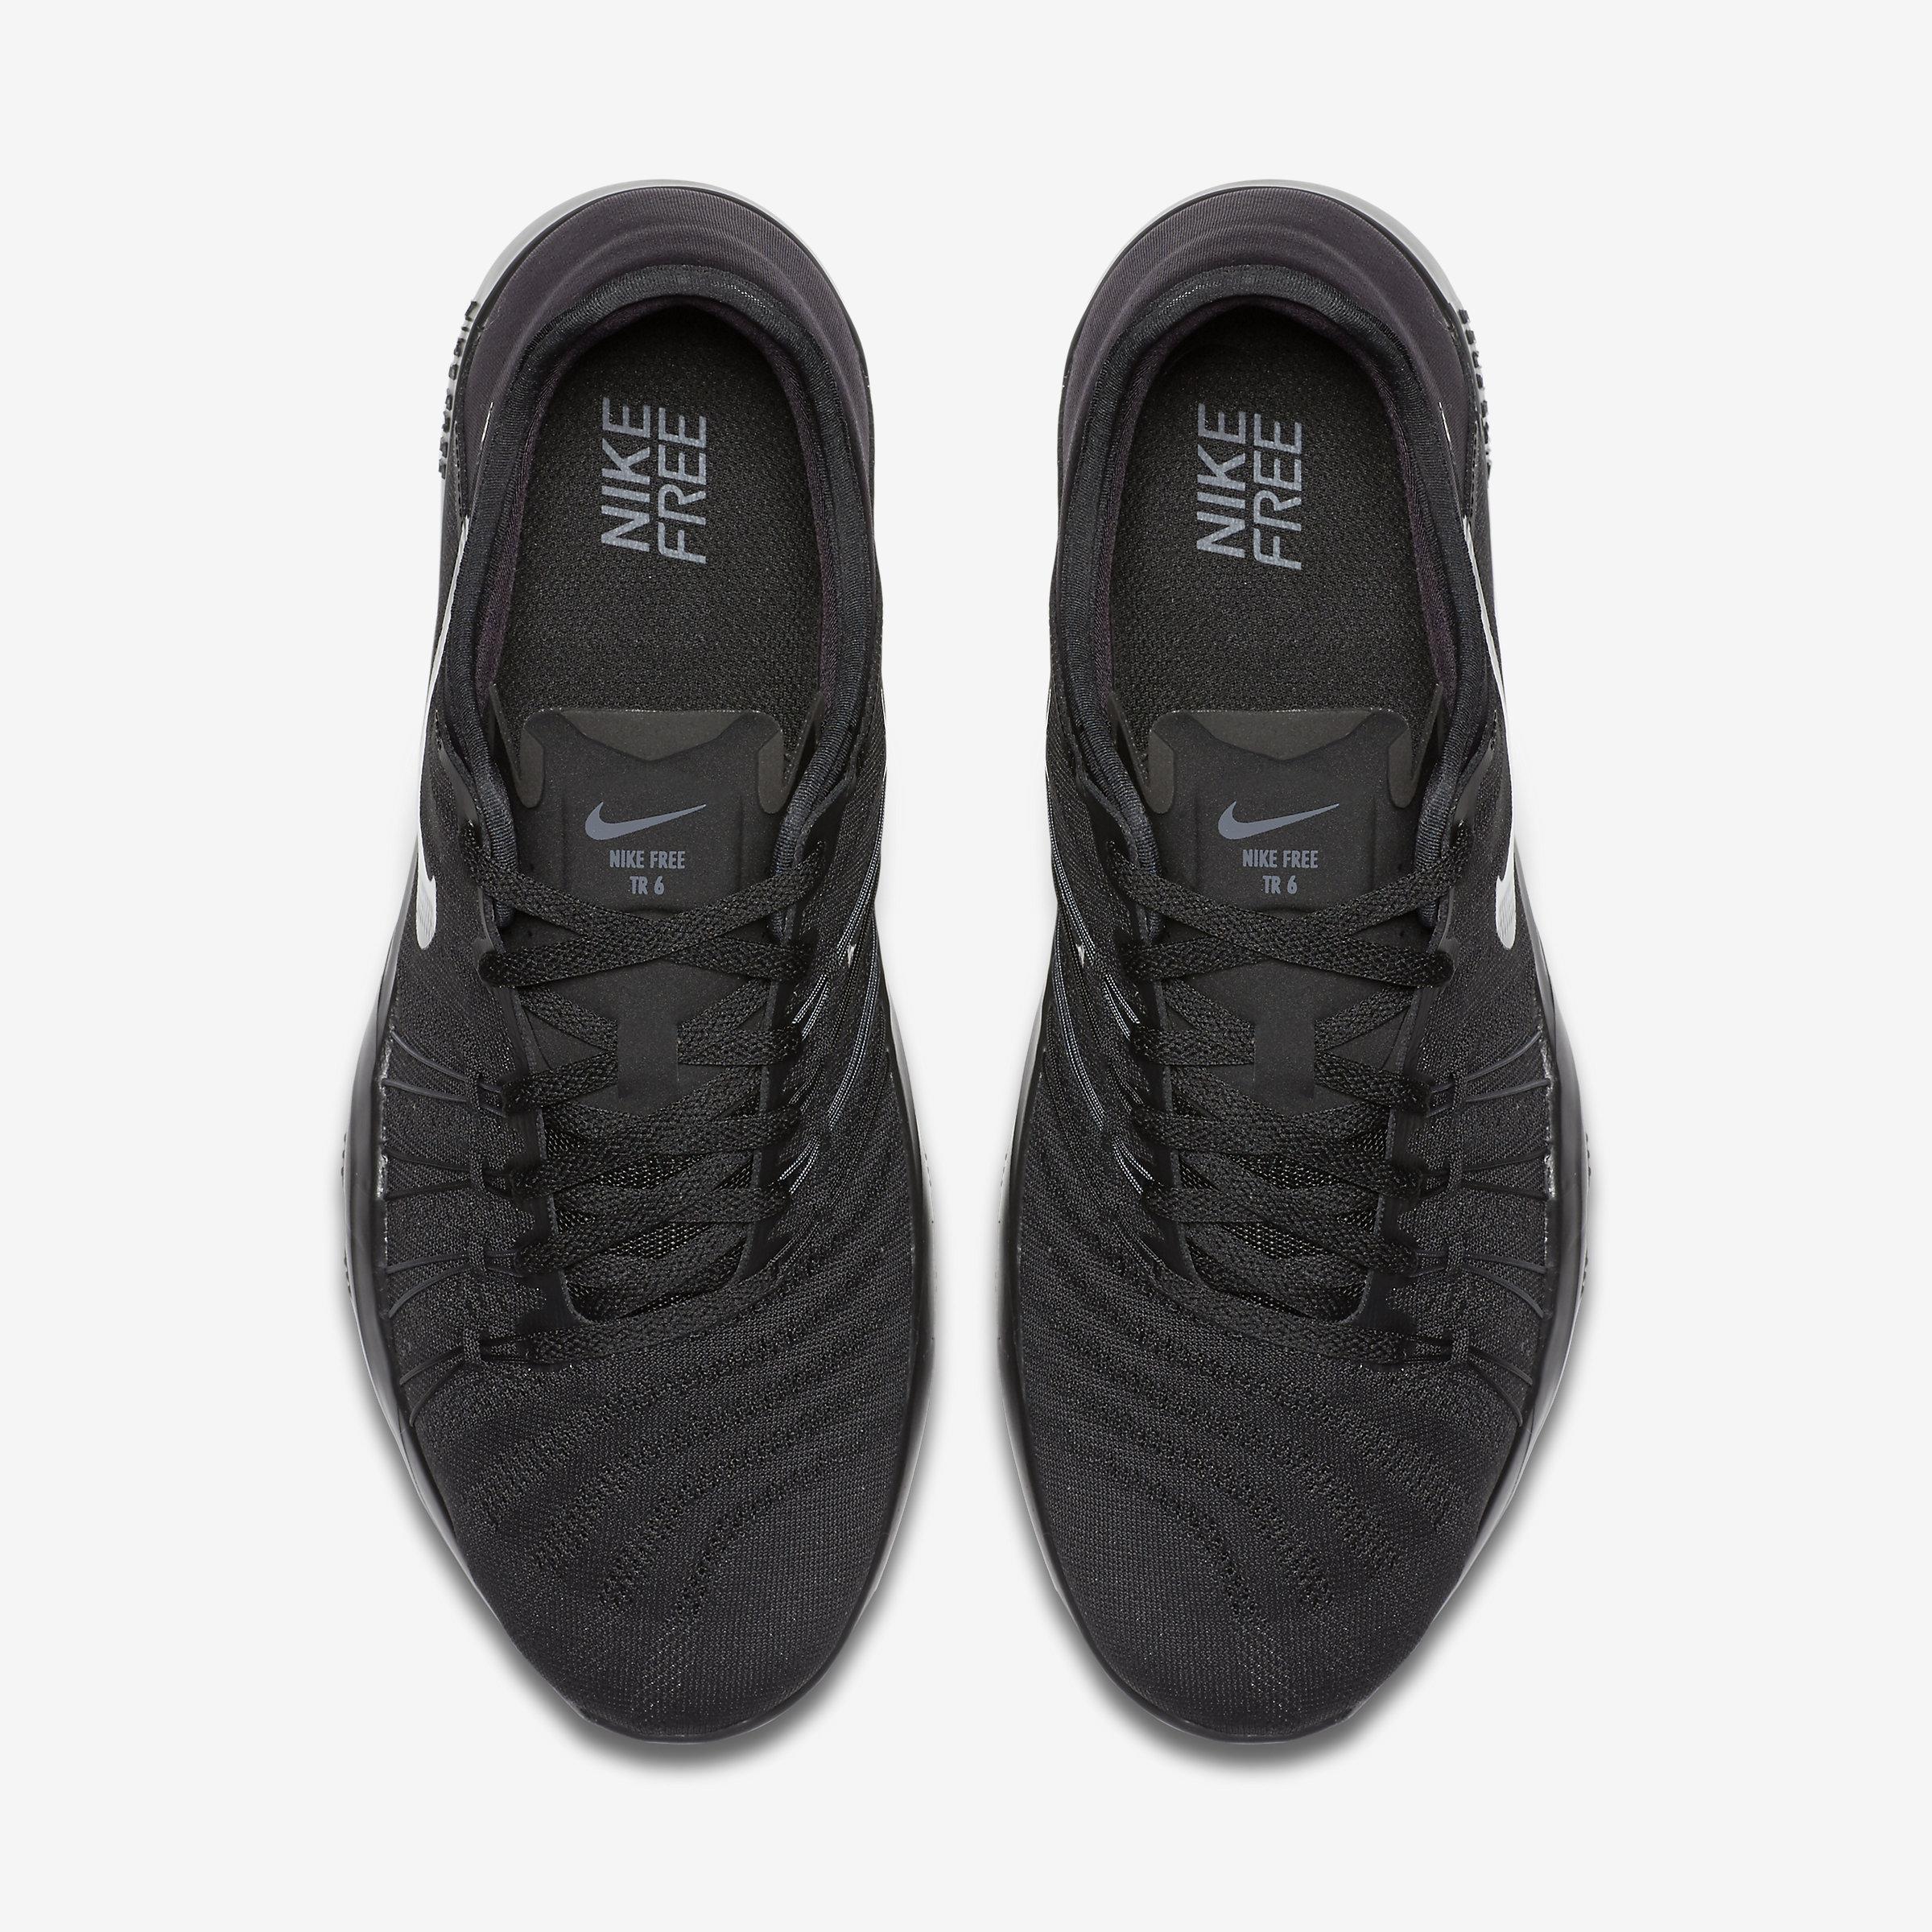 Nike Rubber Free Tr 6 in Black,Black,Black (Black) for Men